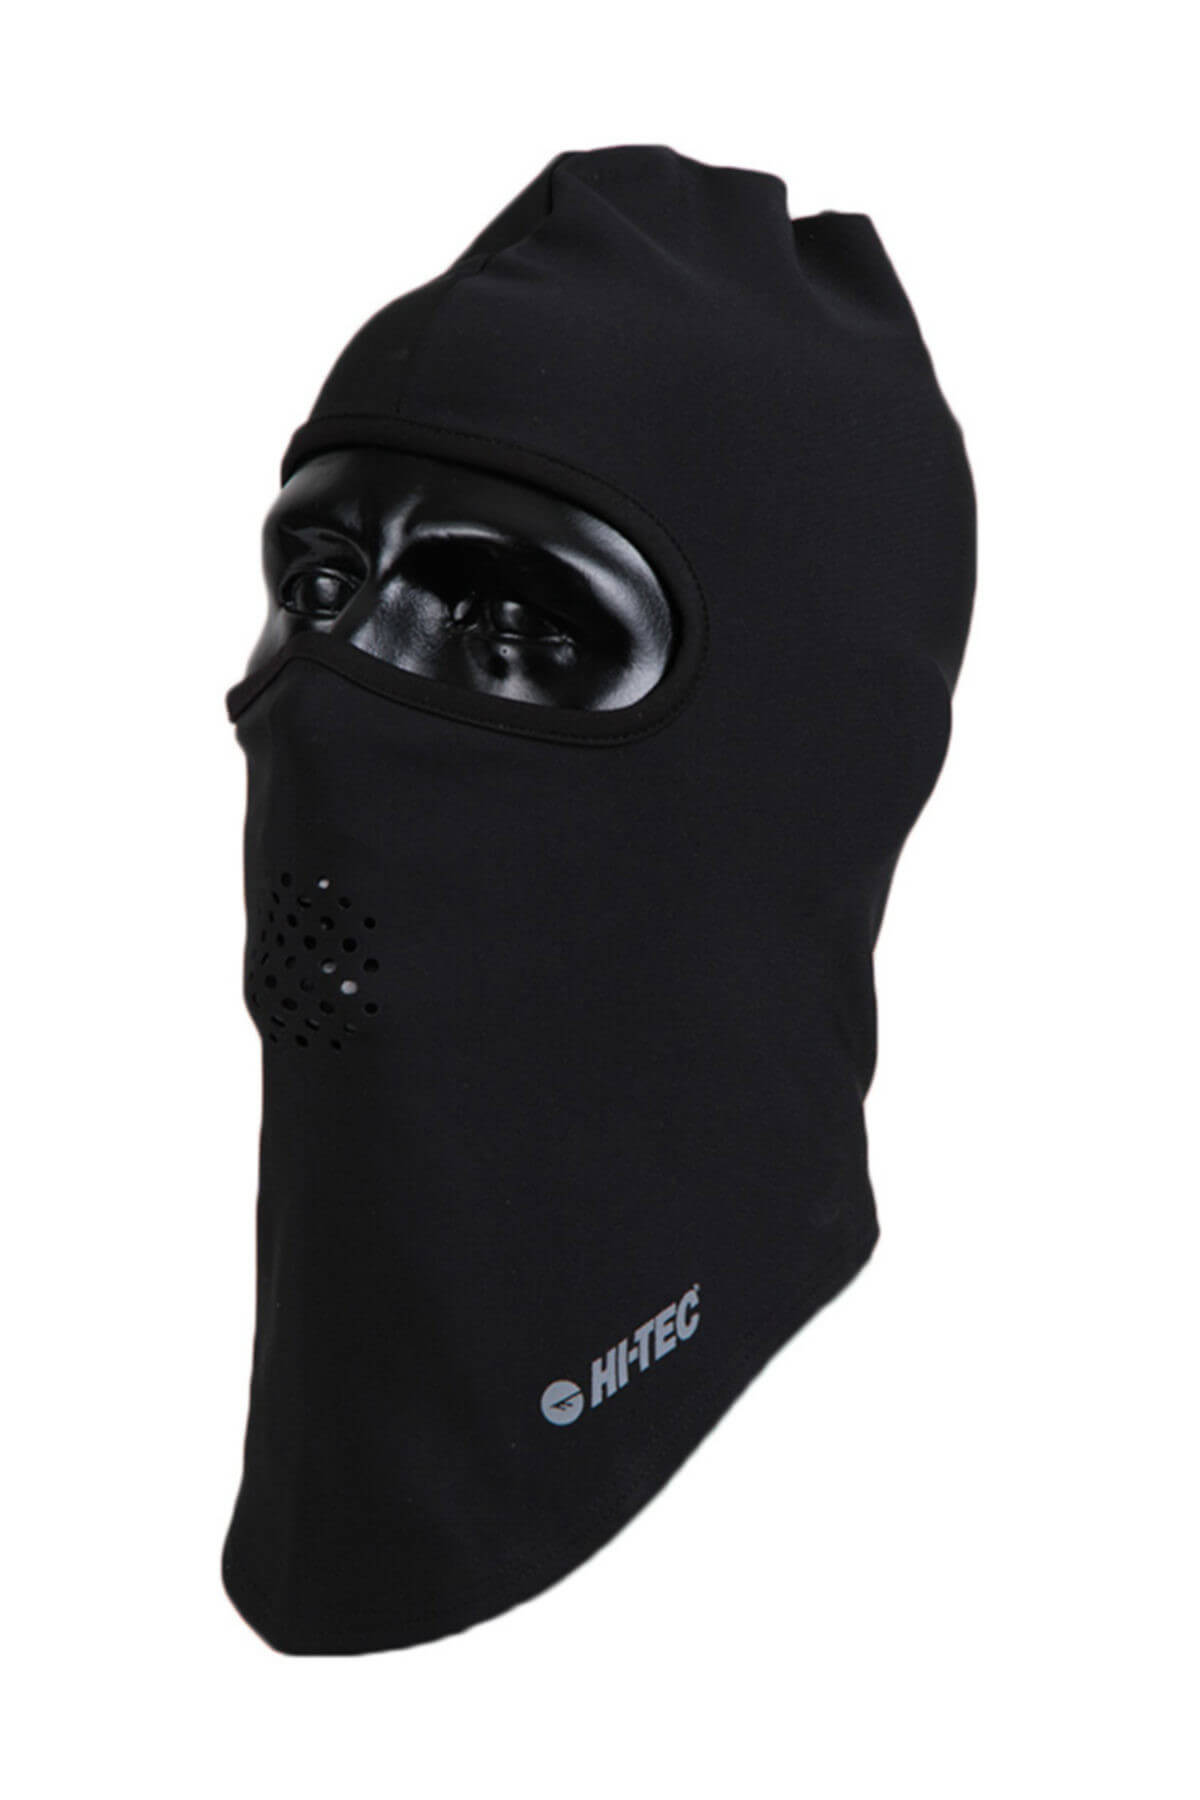 HI-TEC Kar Maskesi 1